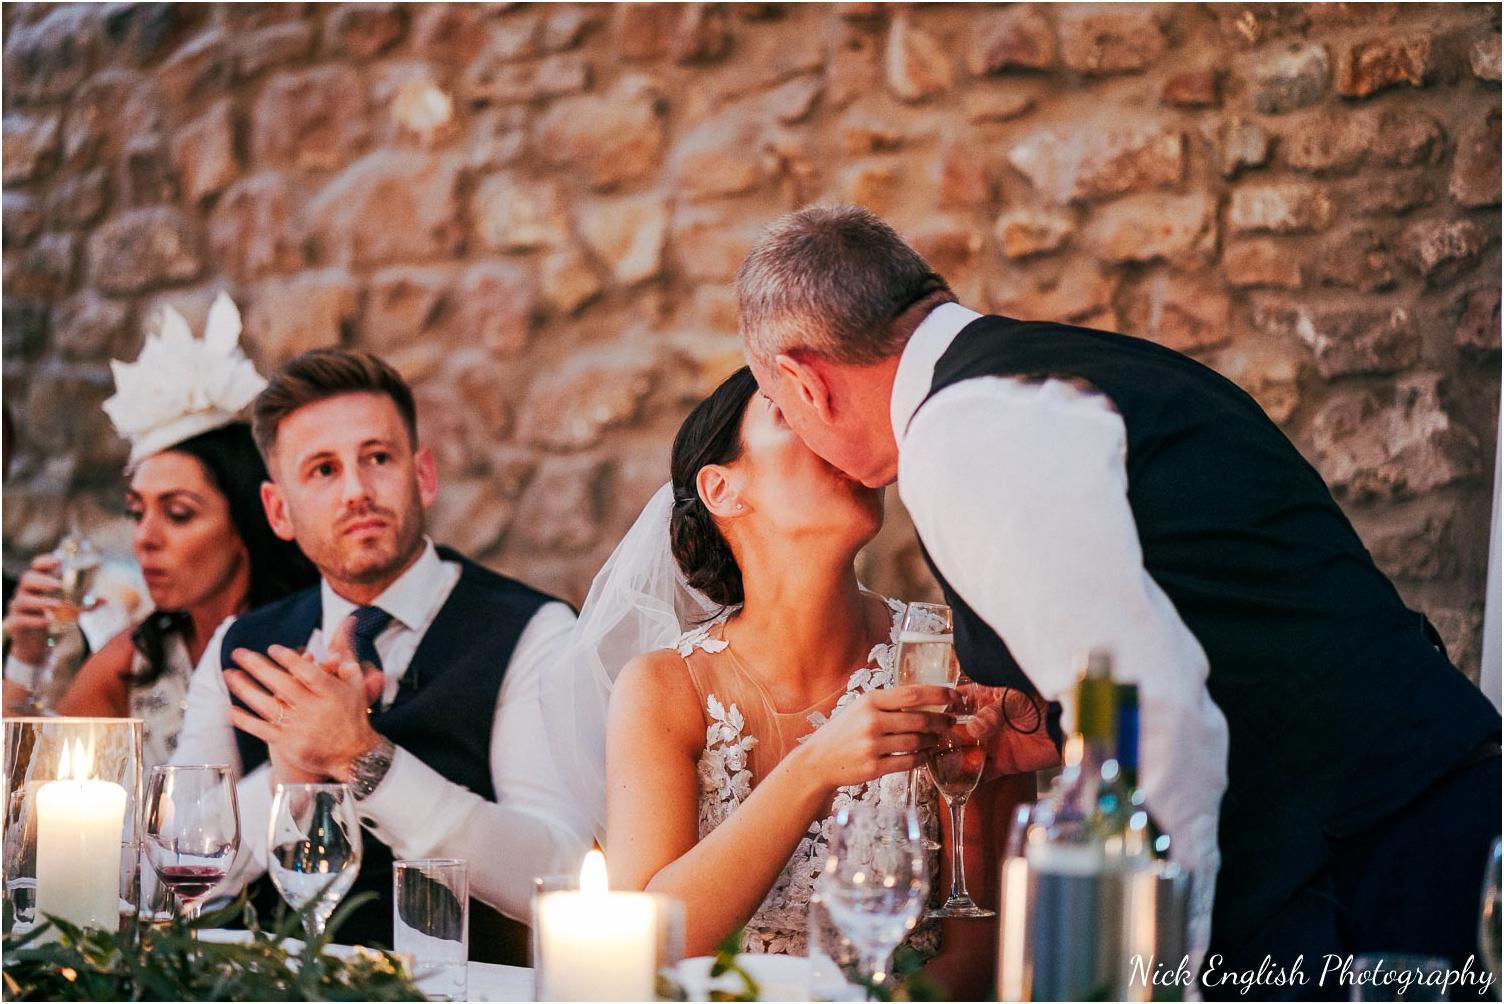 Browsholme_Hall_Barn_Wedding_Nick_English_Photography-141.jpg